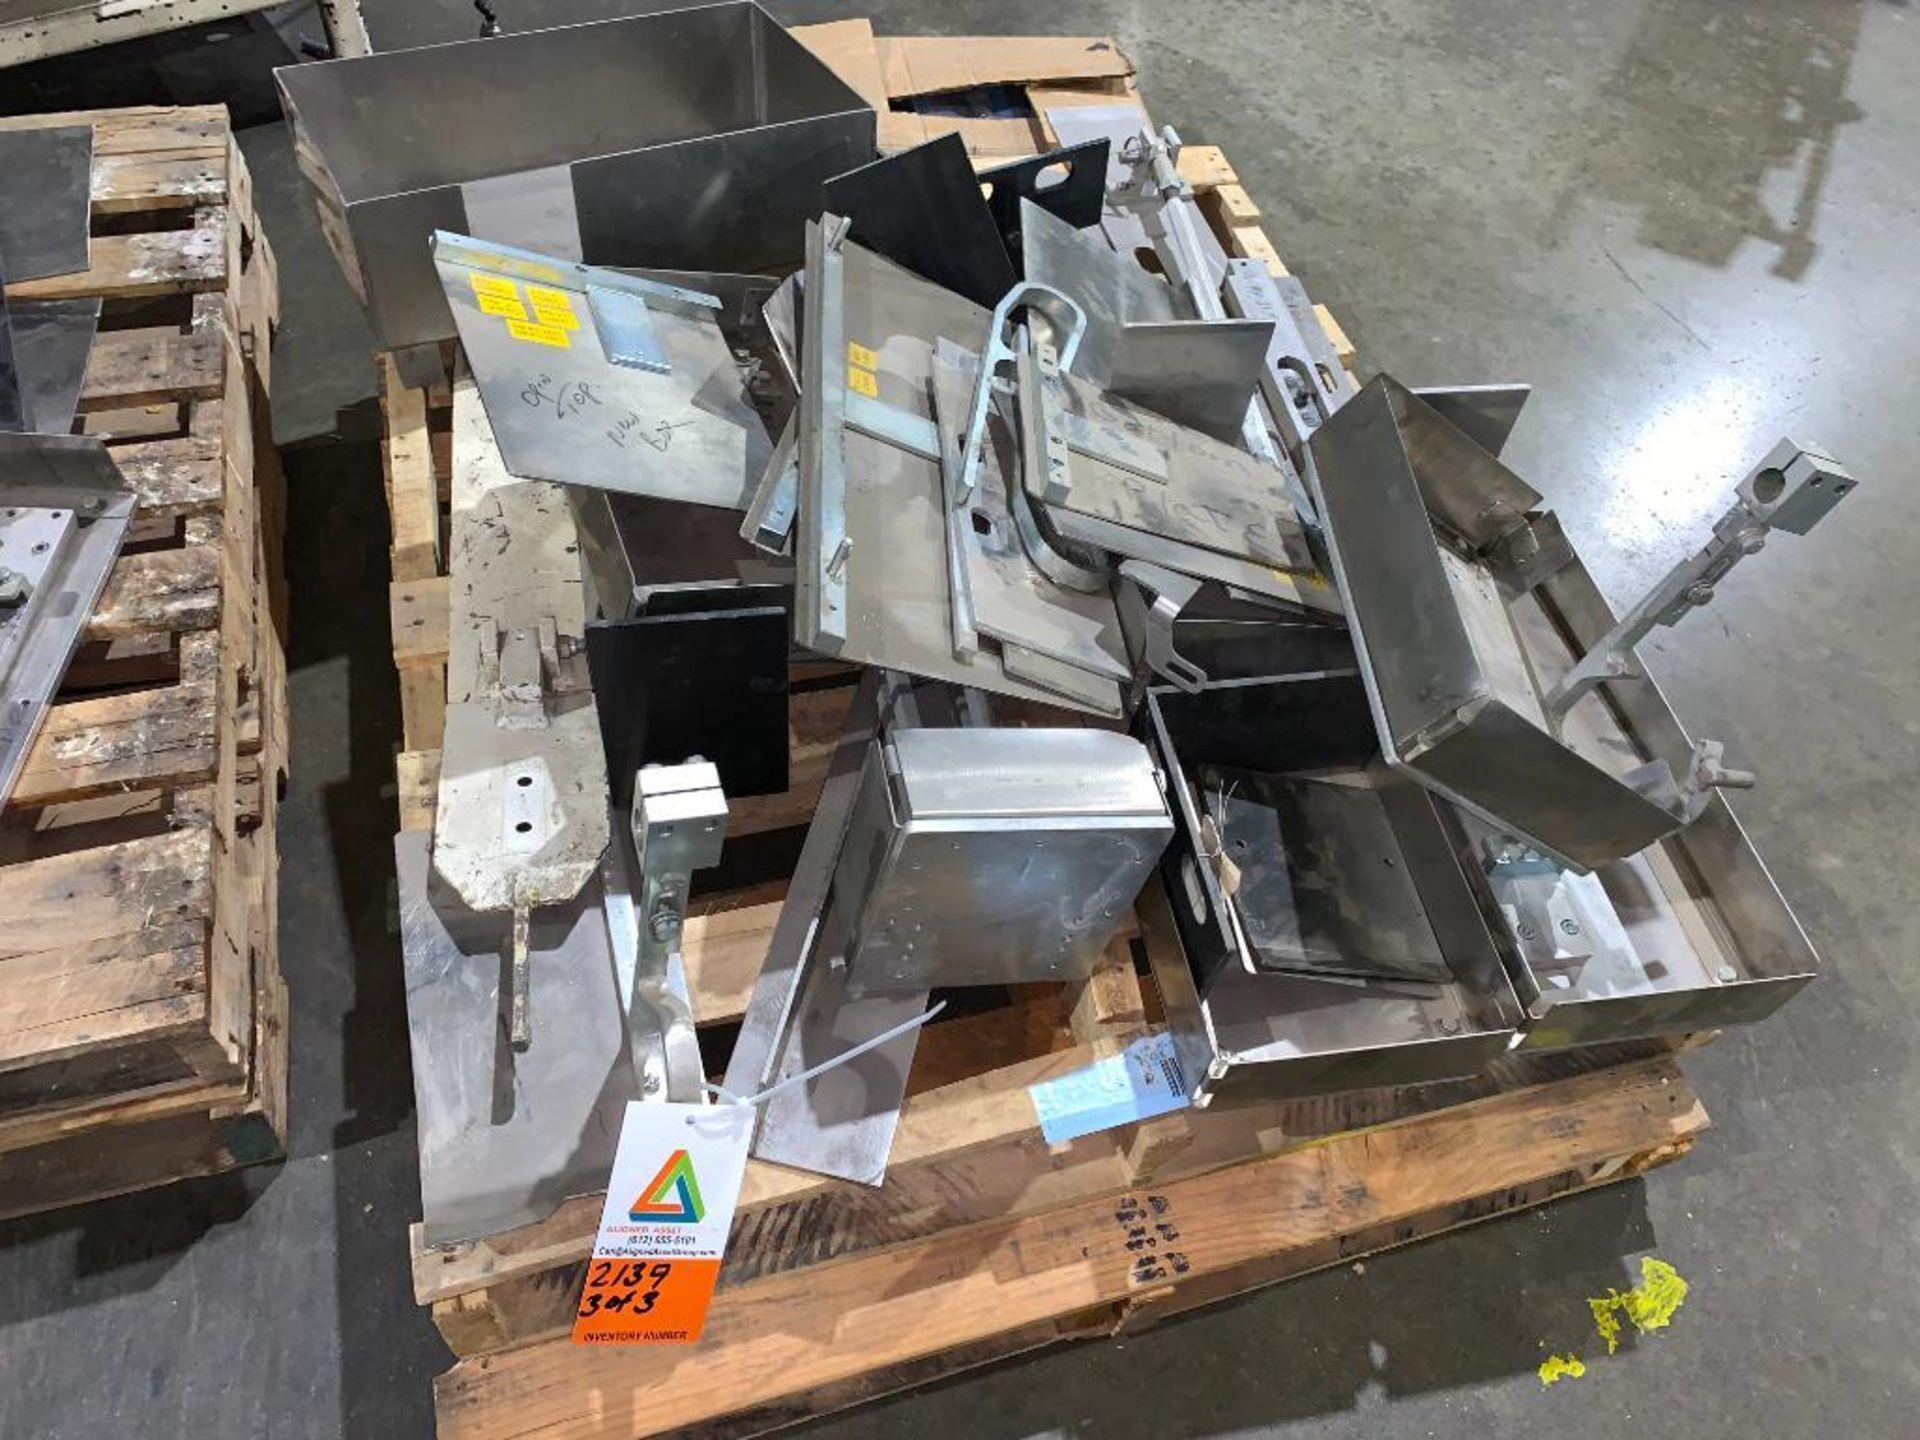 Salwasser case erector and case packer, model L41 - Image 18 of 45